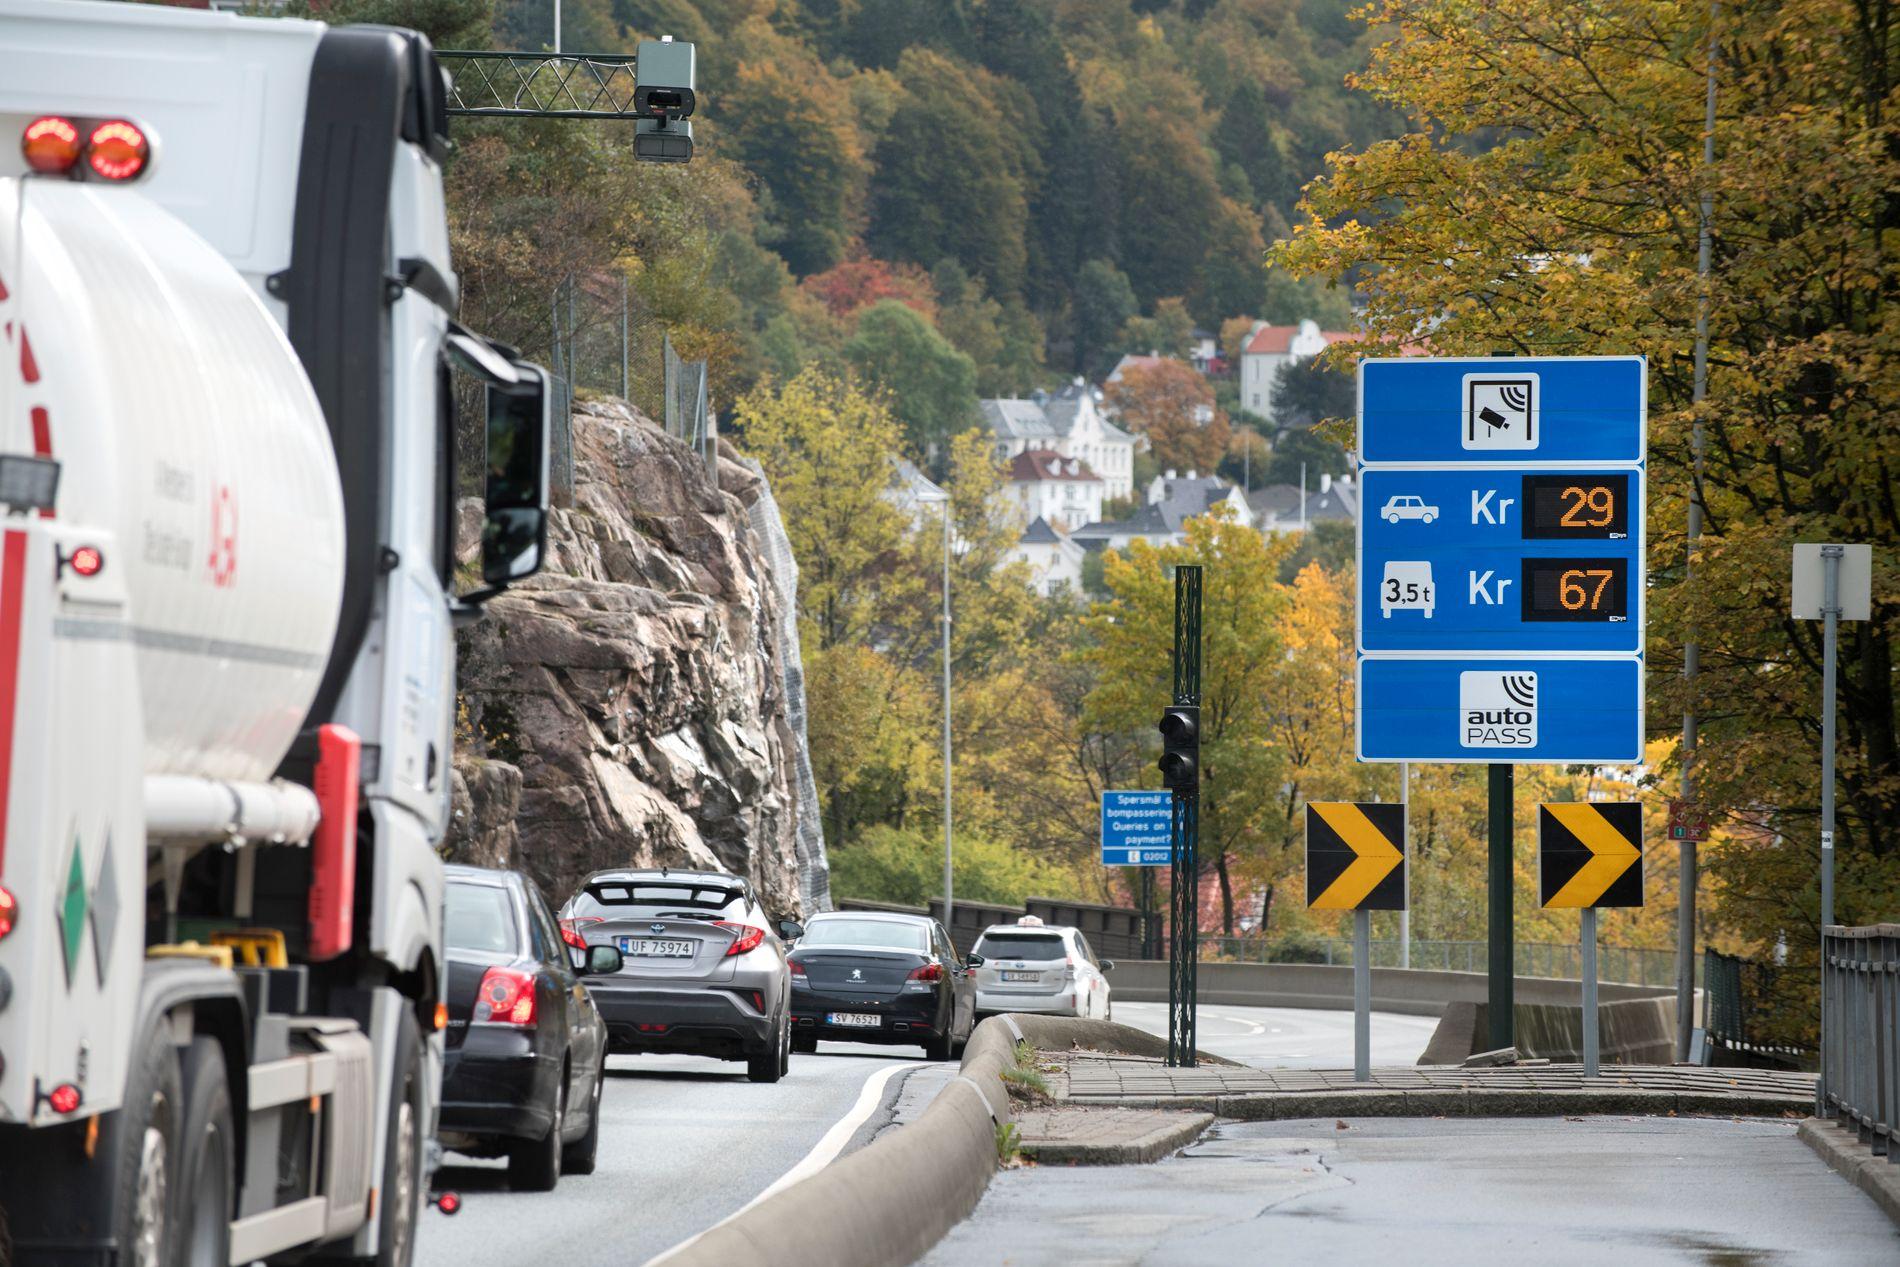 KONTRAST: Mens man i Norge snart passerer 300 Autopass-stasjoner, har Sverige i dag kun to bompengeinnkrevinger, eller infrastrukturavgifter som de kalles: Broavgift Motala og broavgift Sundsvall, skriver innsender.